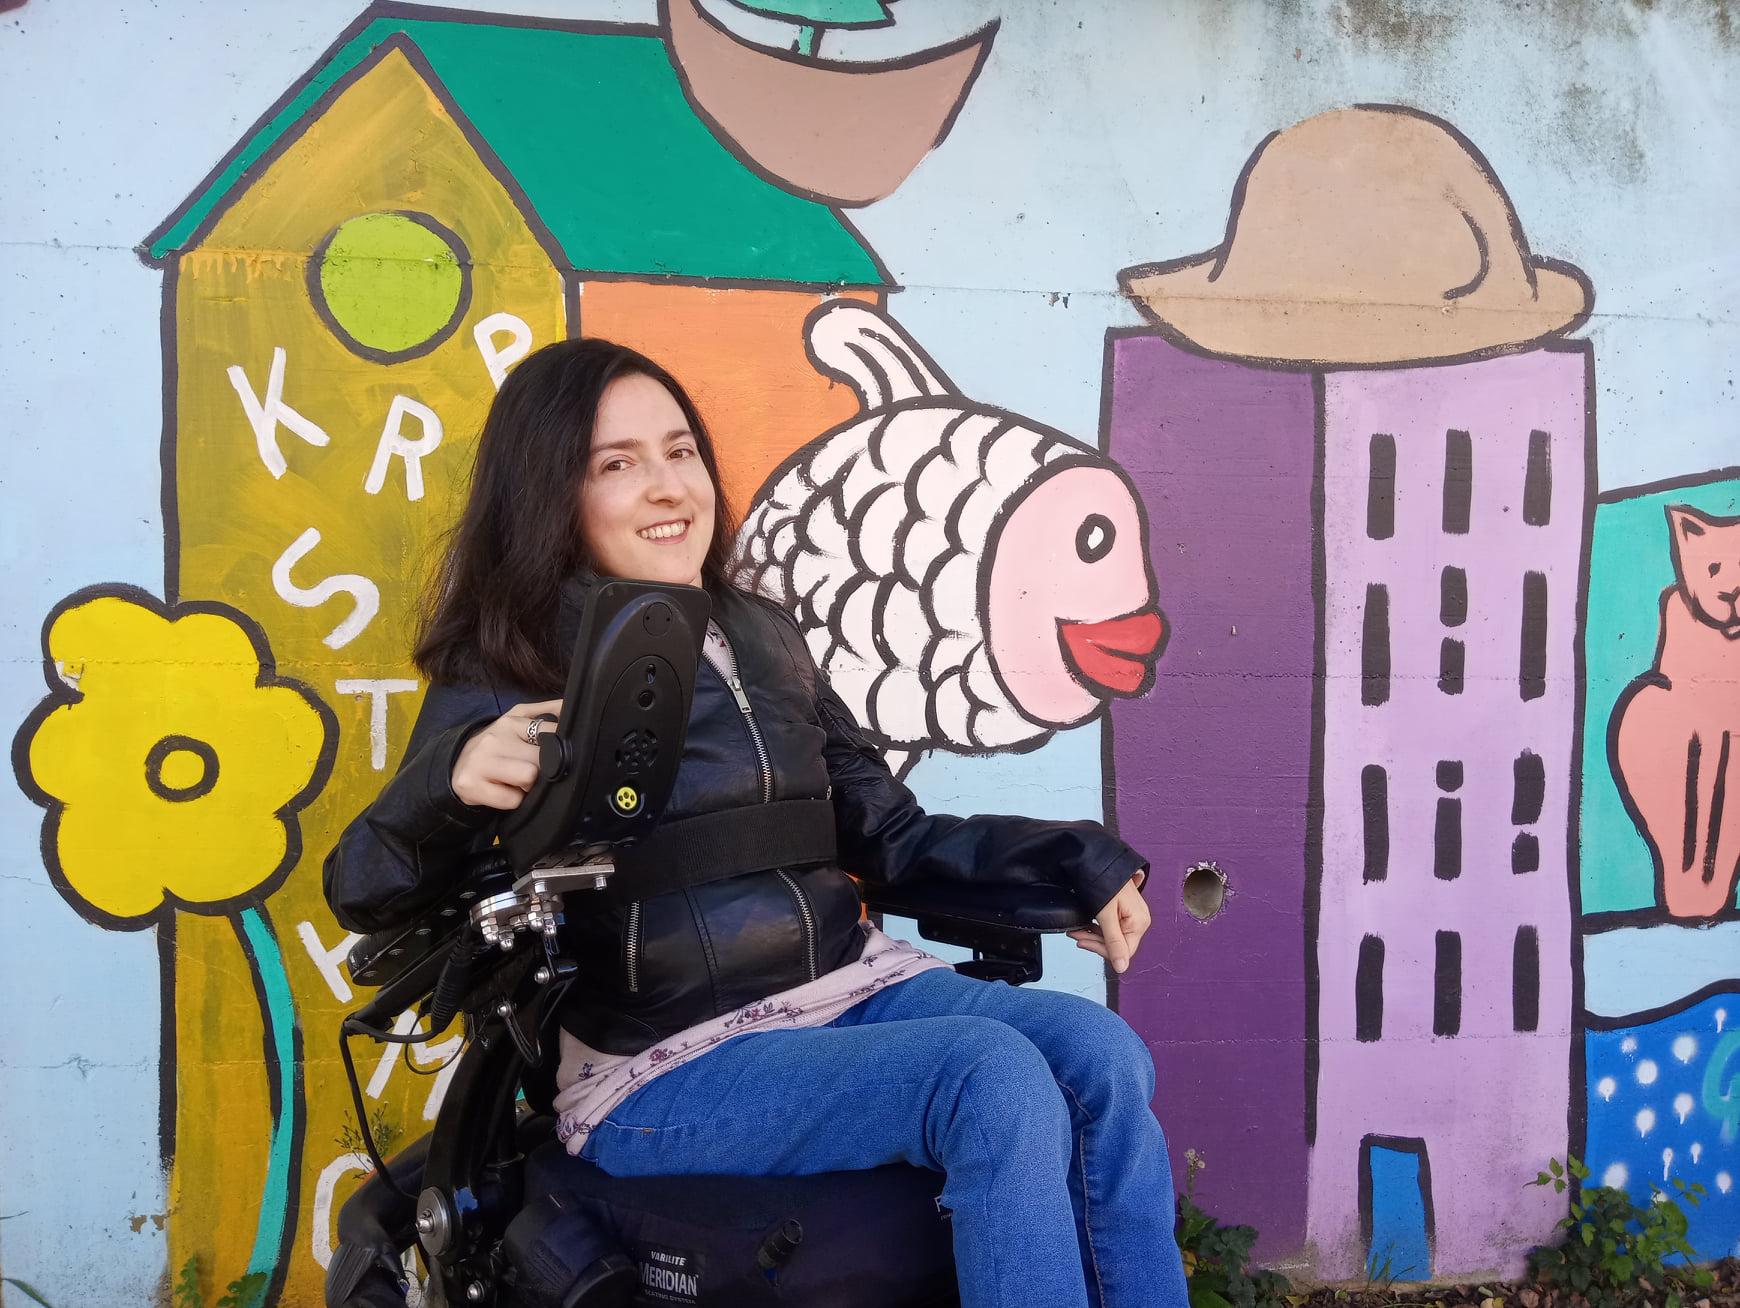 foto di M. Chiara che sorride; è seduta su una carrozzina nera, indossa jeans blu e una giacca nera di pelle, ha i capelli neri. Sullo sfondo, un murale colorato con degli edifici, un fiore, un pesce e un gatto